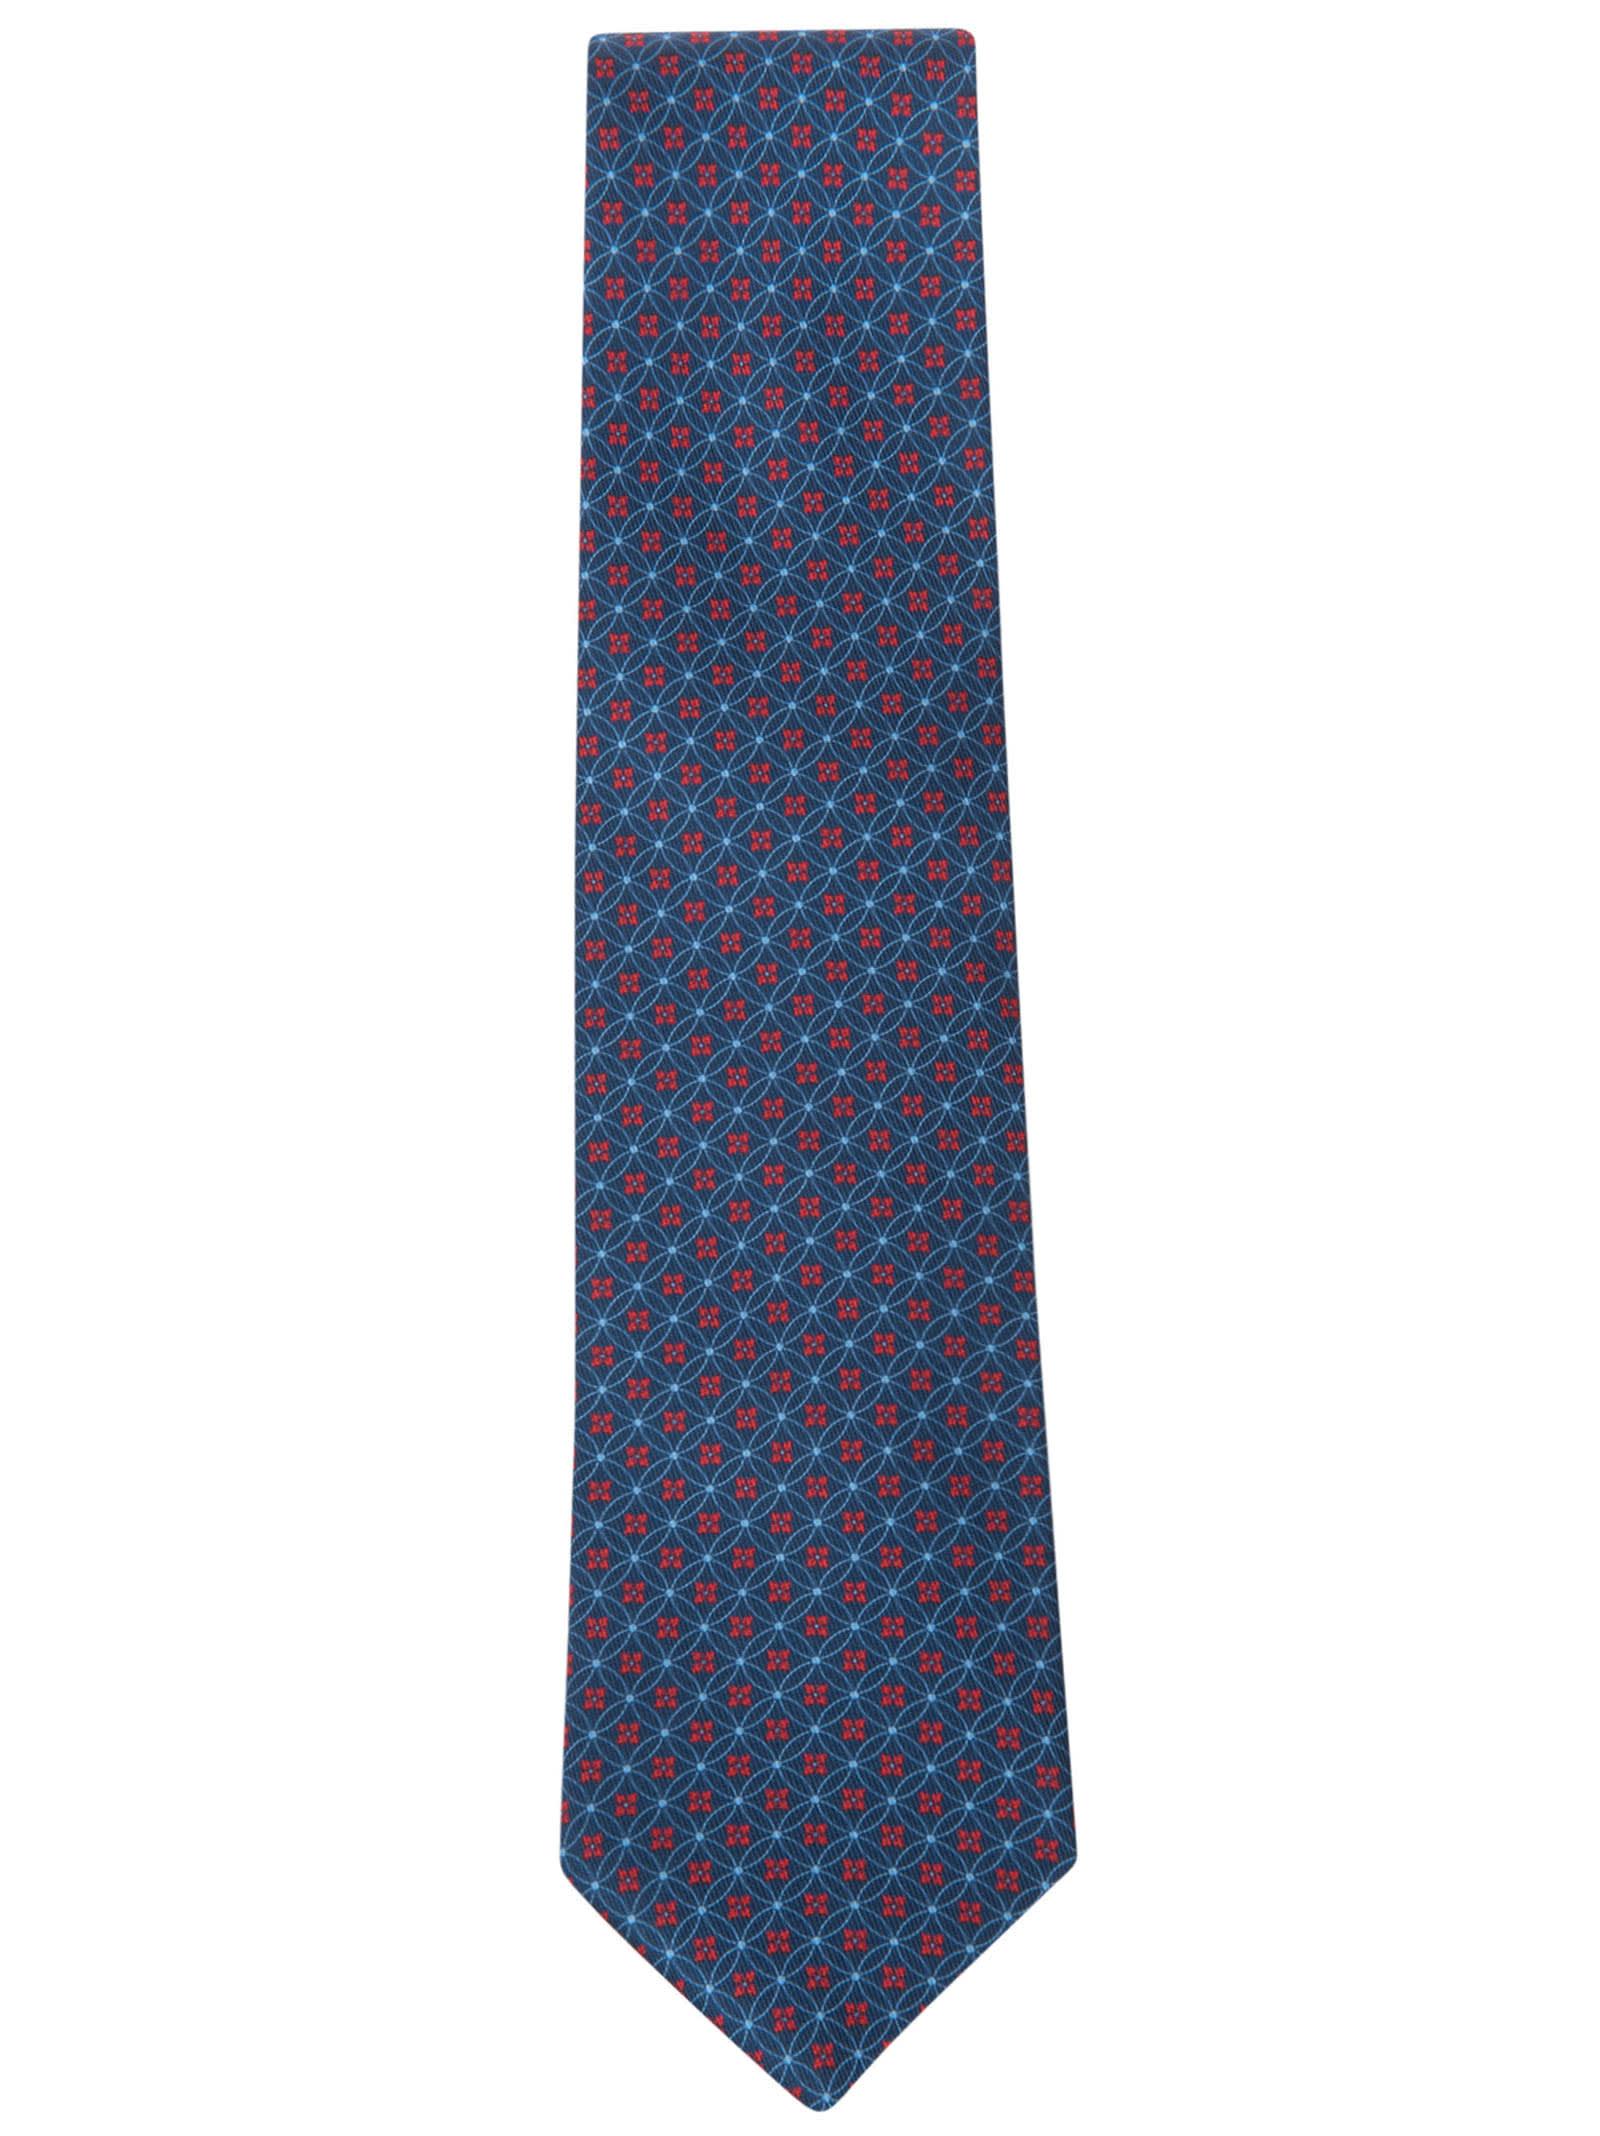 Round Motif Print Neck Tie